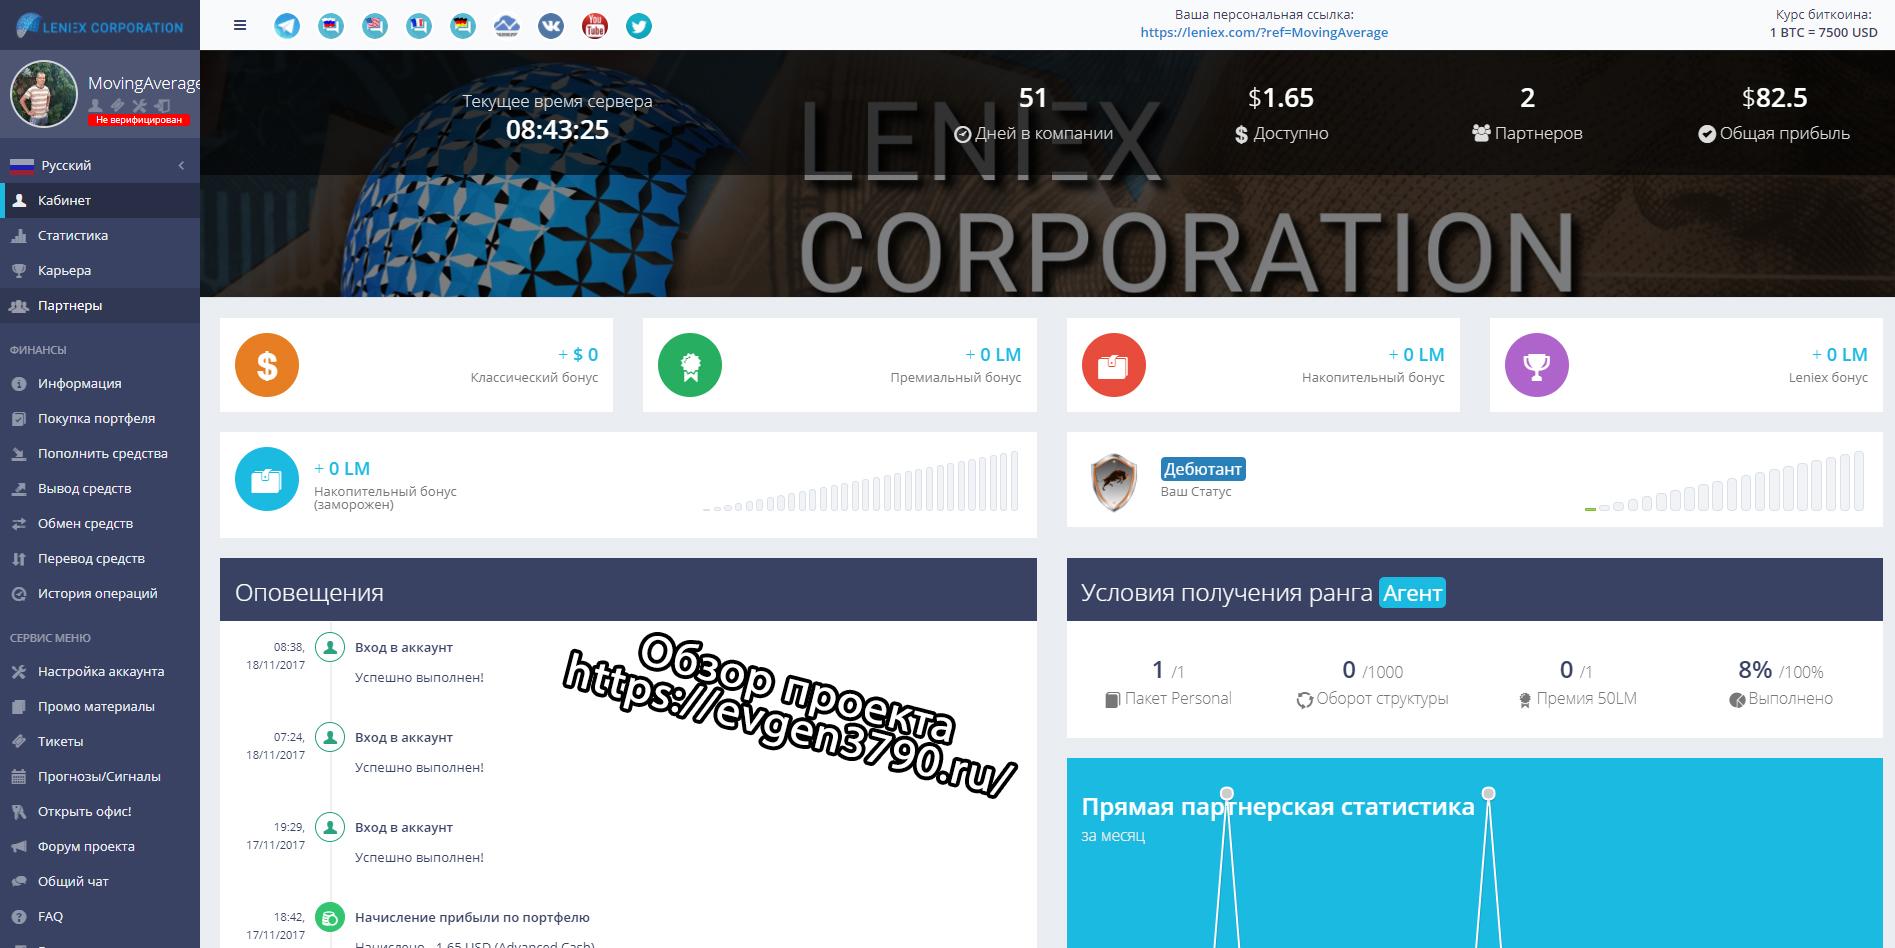 личный кабинет Leniex обзор проекта: https://evgen3790.ru/